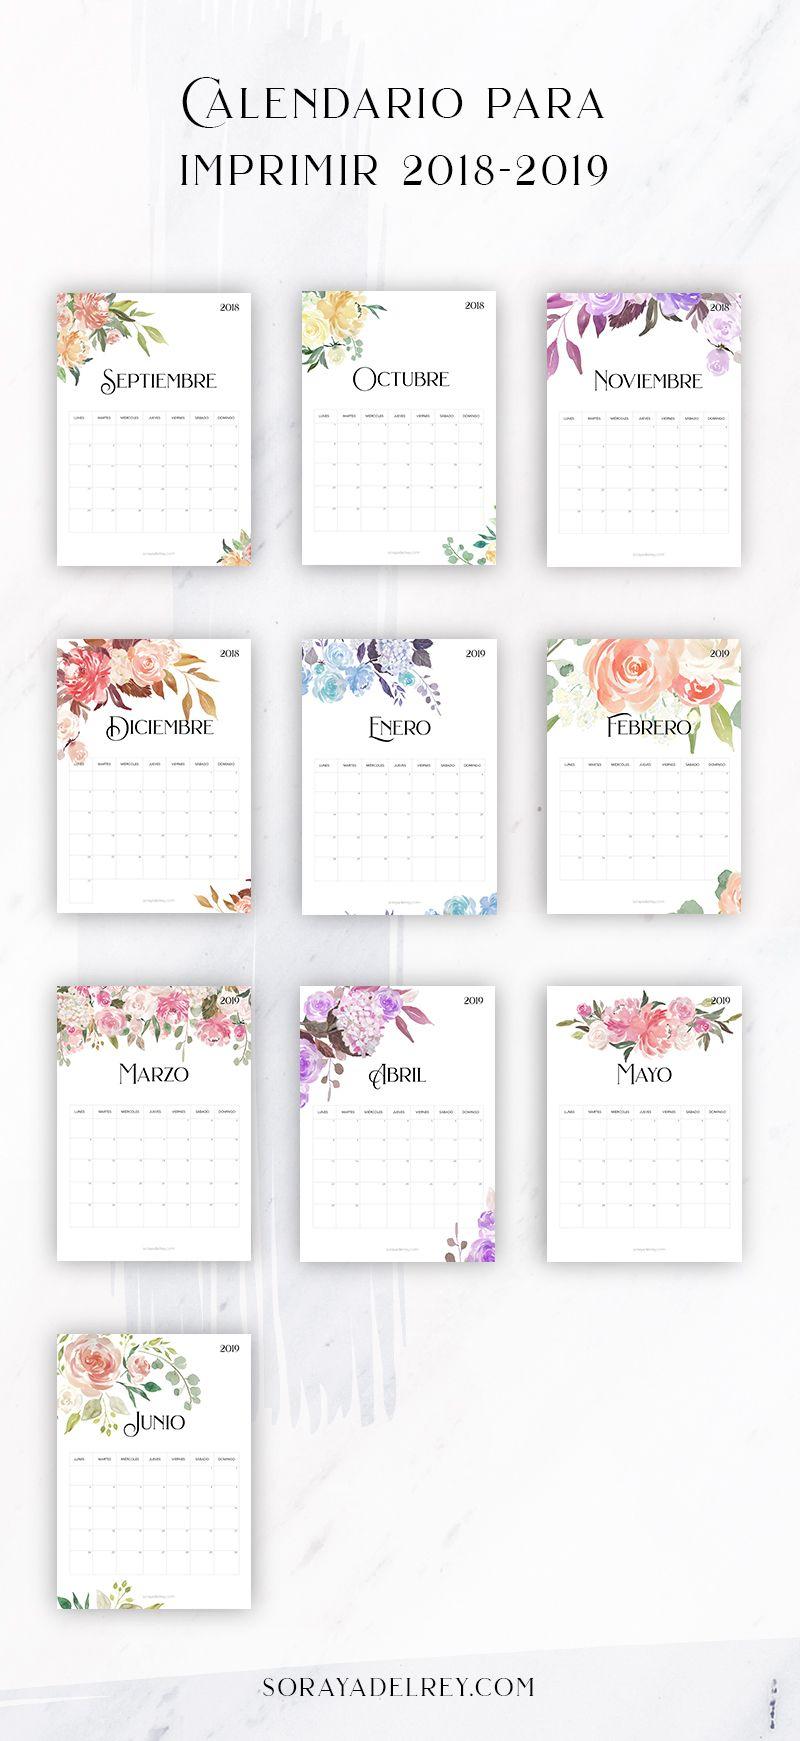 Calendario Mr Wonderful 2019 Para Imprimir.Calendario Para Imprimir 2018 2019 Reciclaje